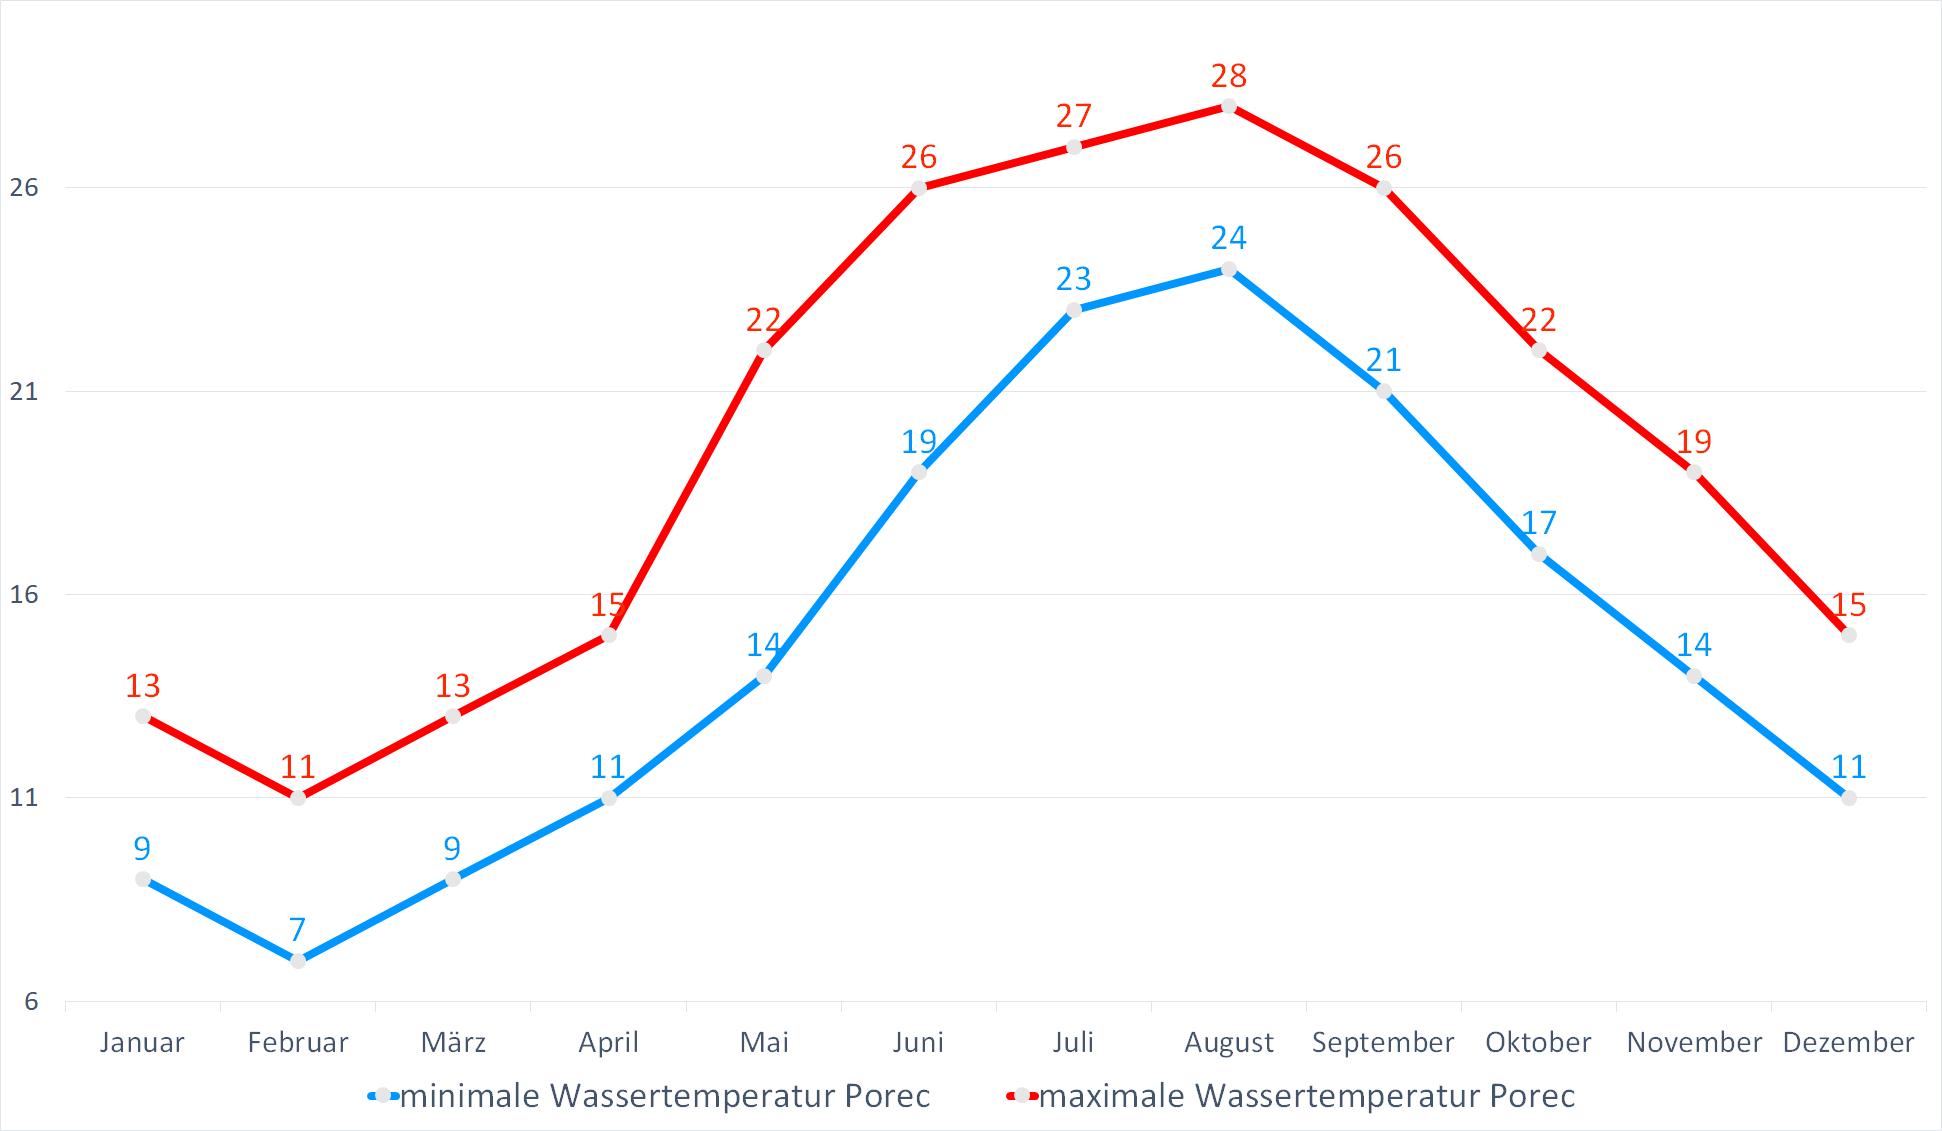 Minimale & Maximale Wassertemperaturen für Porec im Jahresverlauf